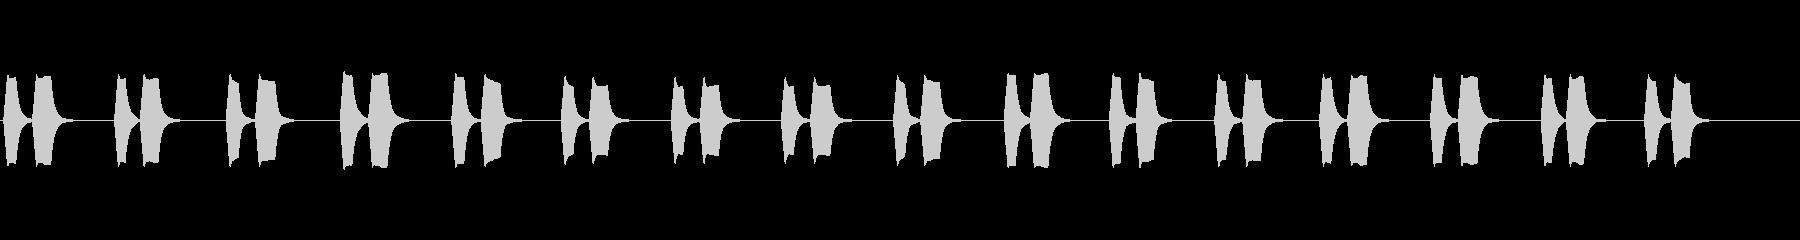 【ピピッピピッ】大型車の左折_01の未再生の波形